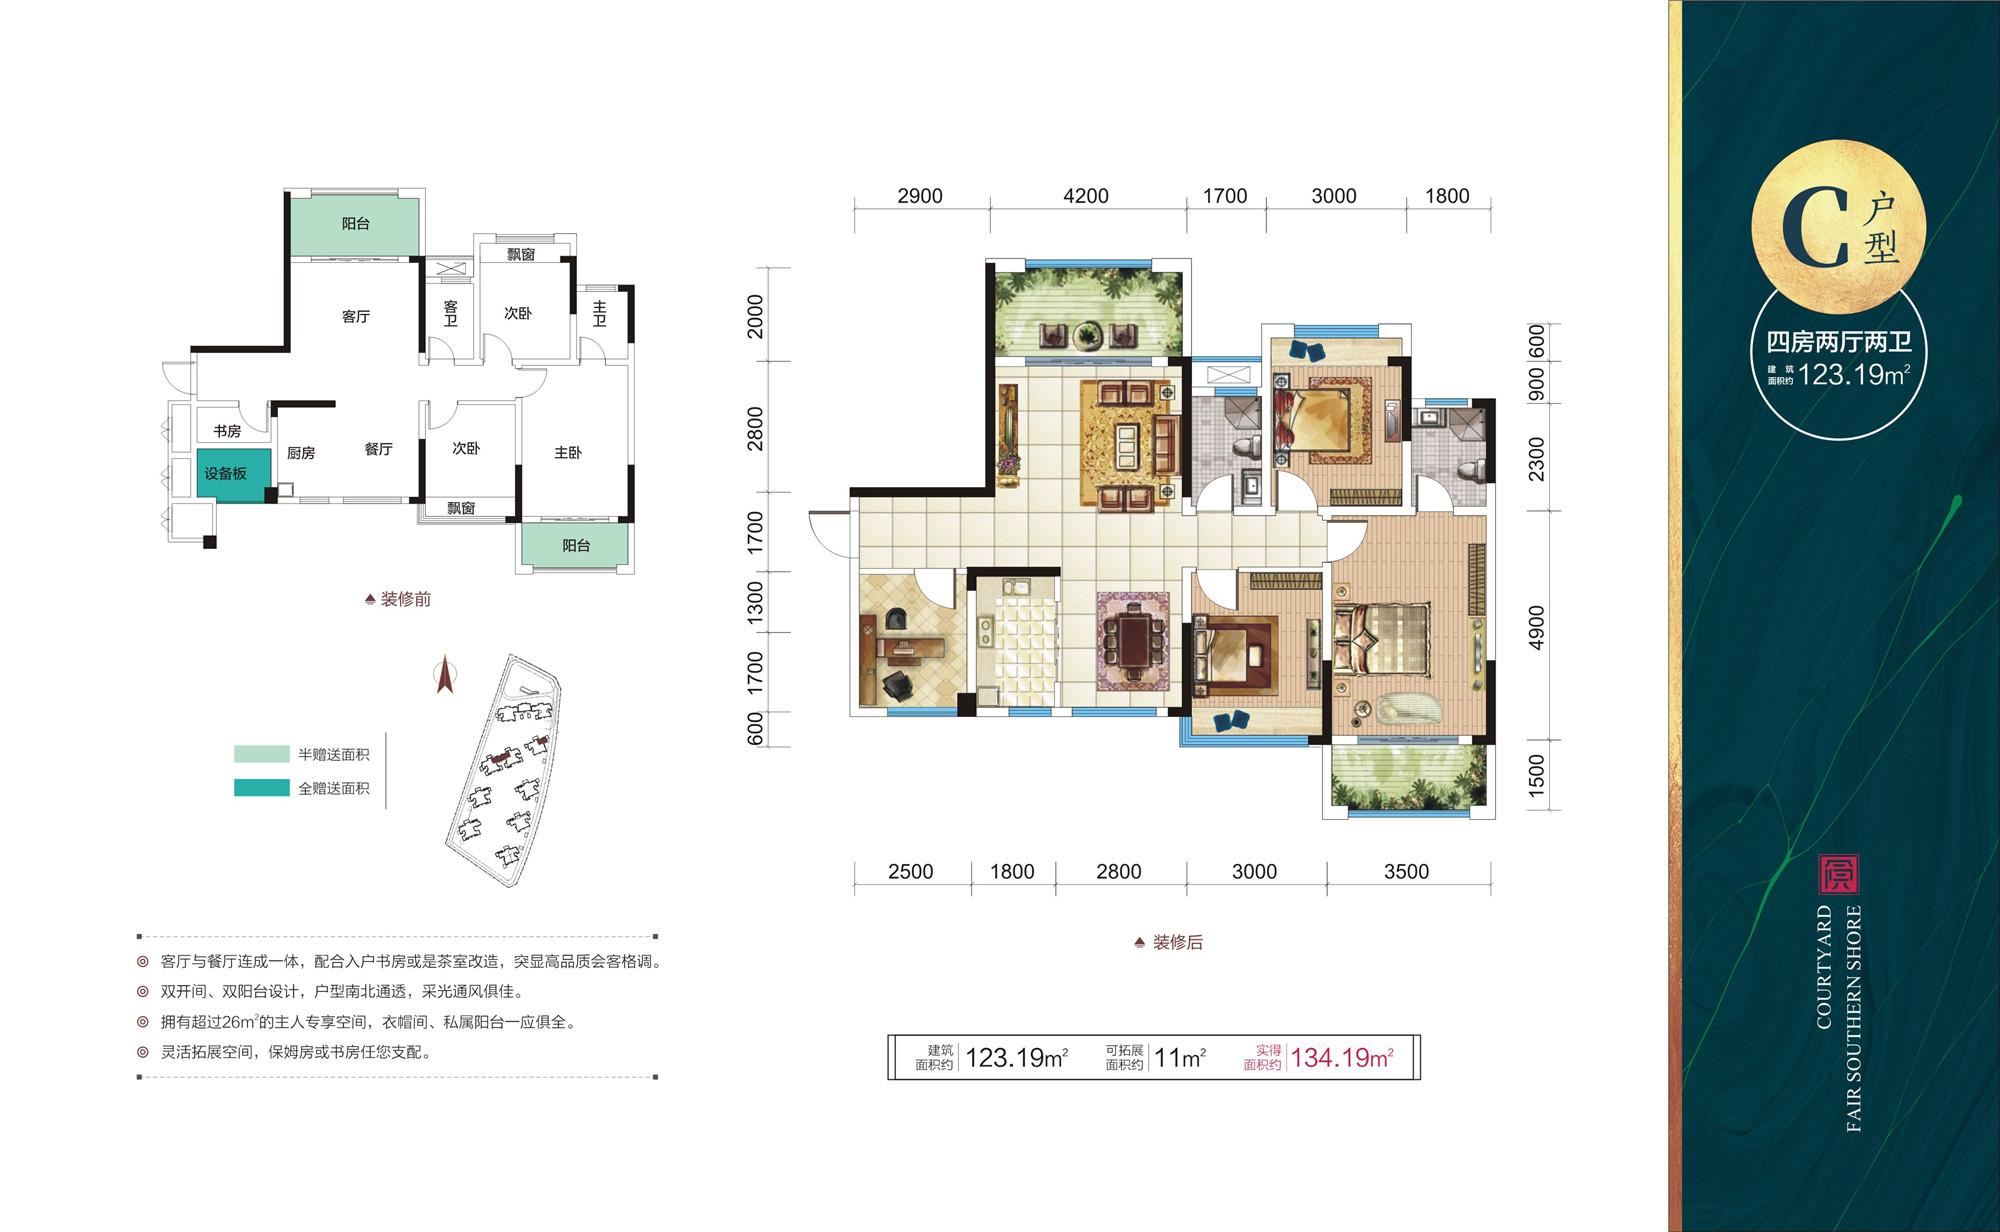 123.19㎡四房两厅两卫